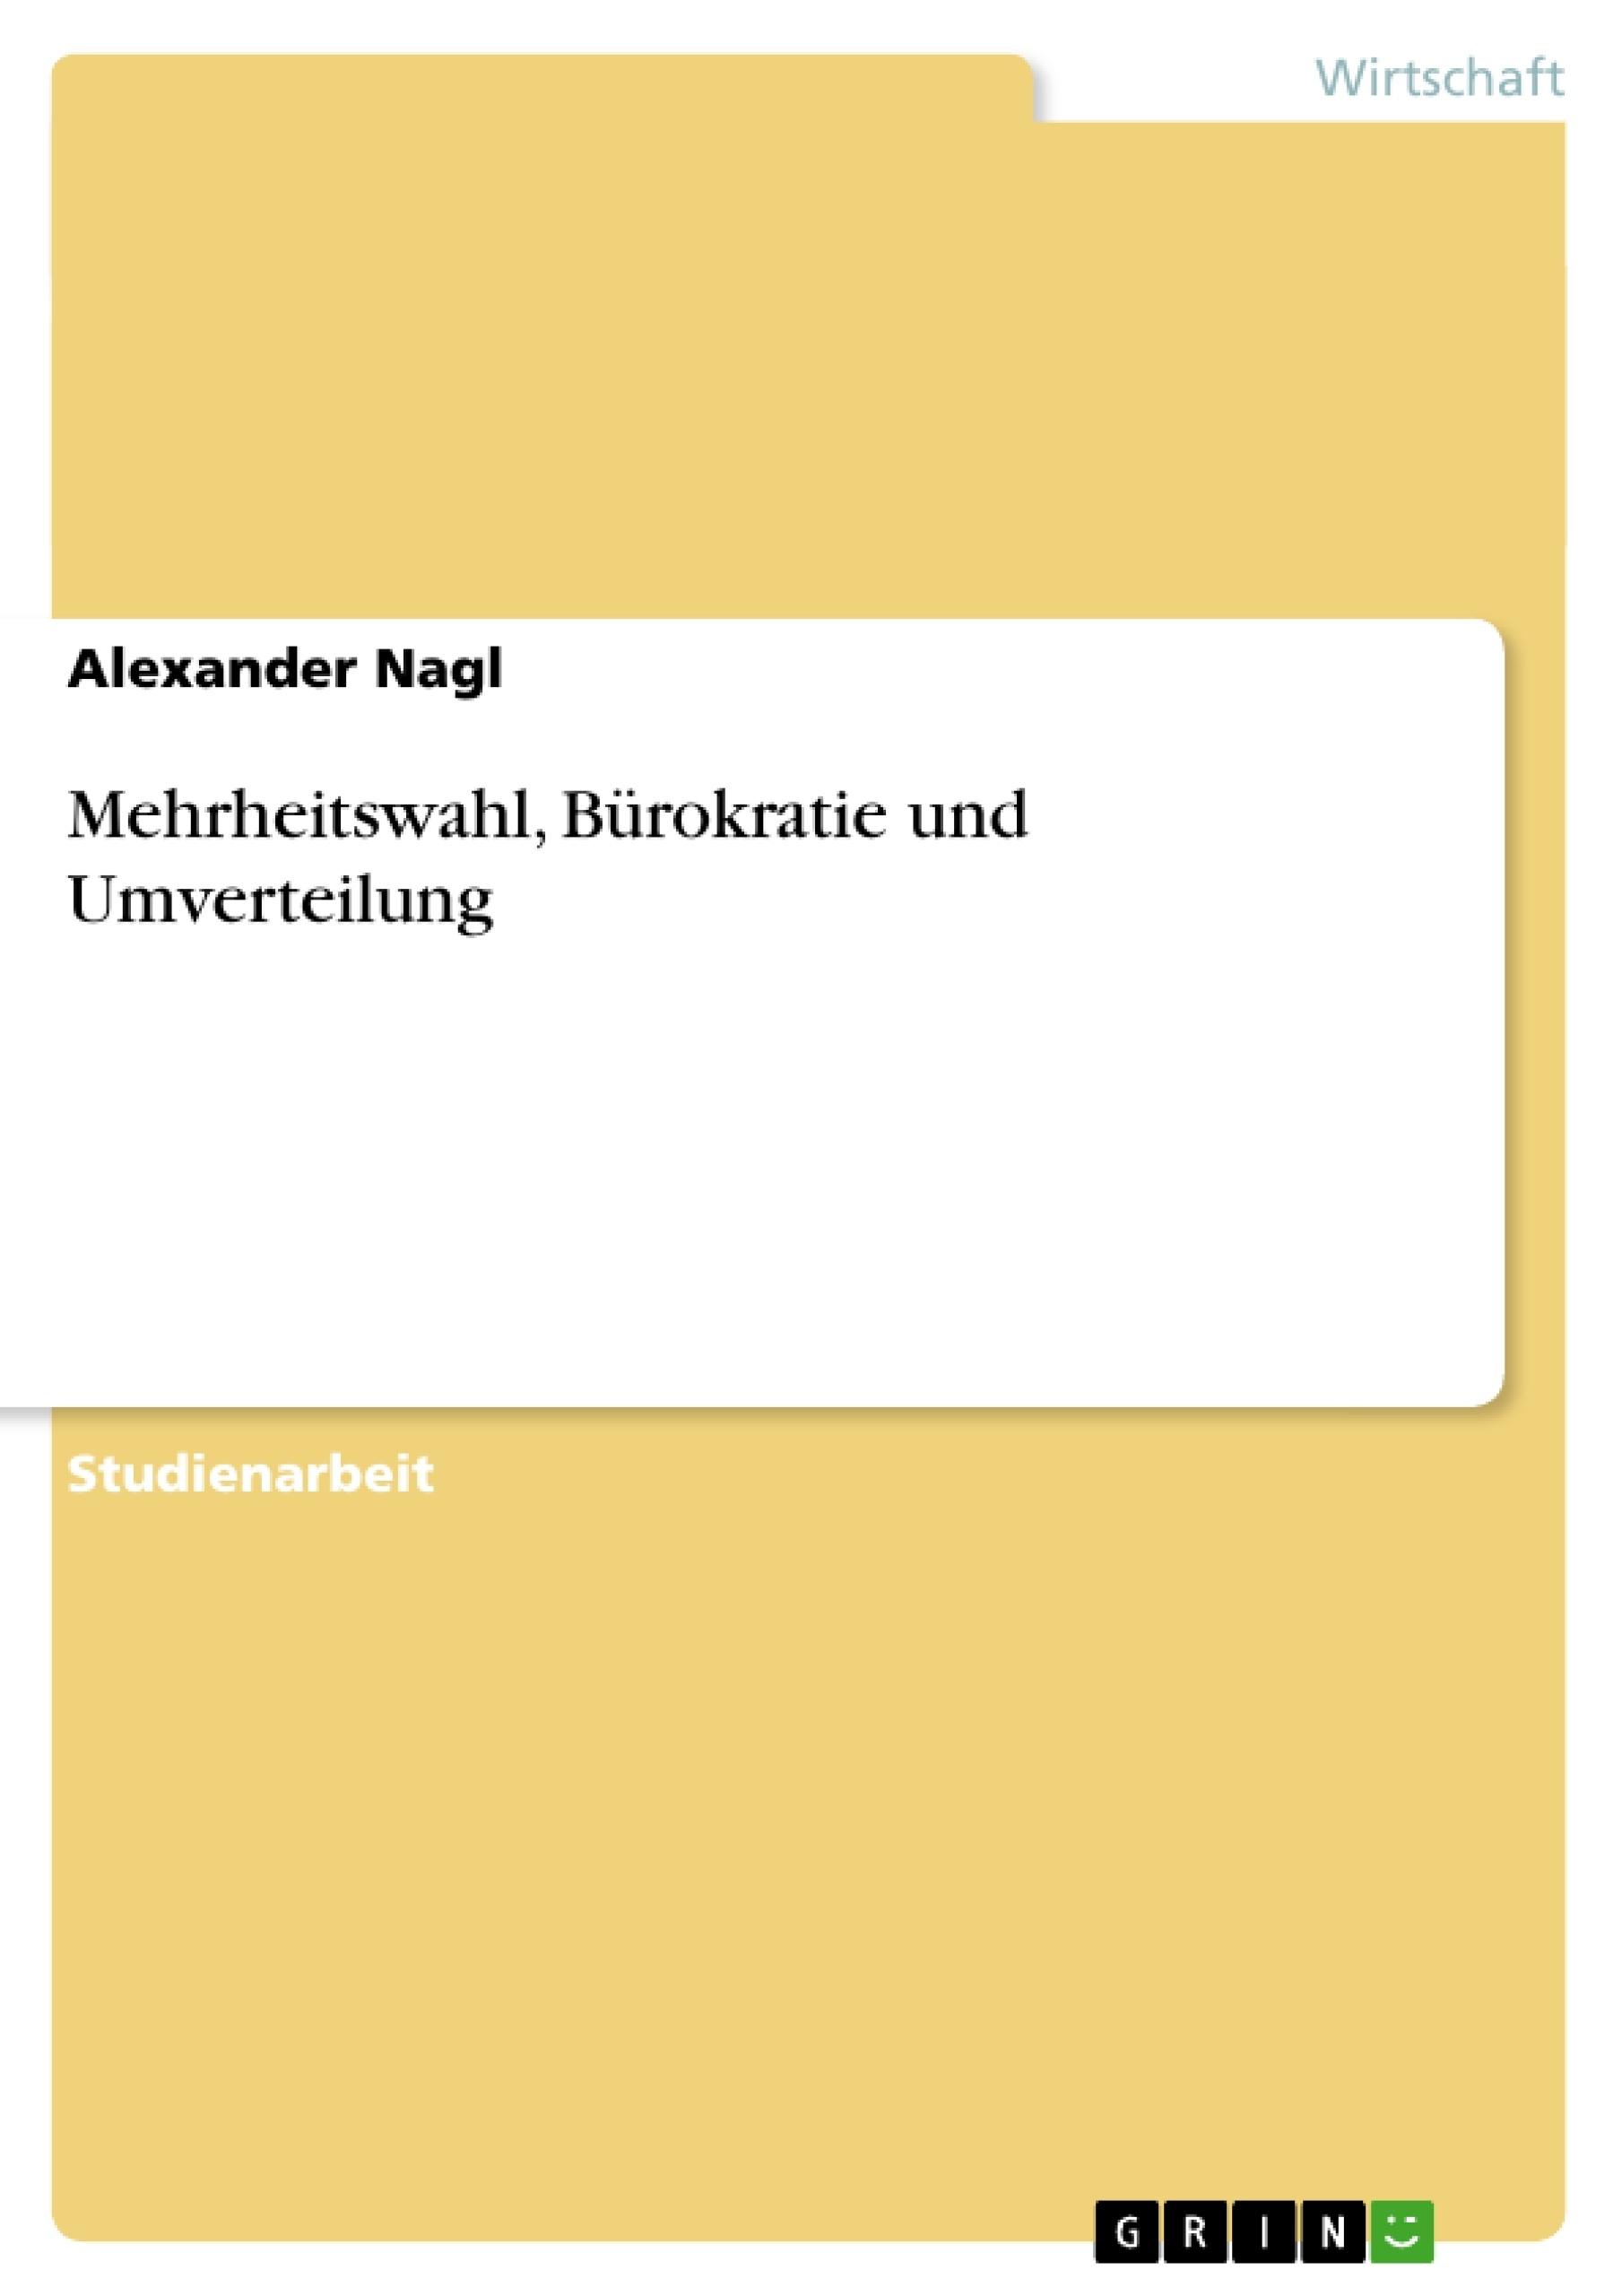 Titel: Mehrheitswahl, Bürokratie und Umverteilung